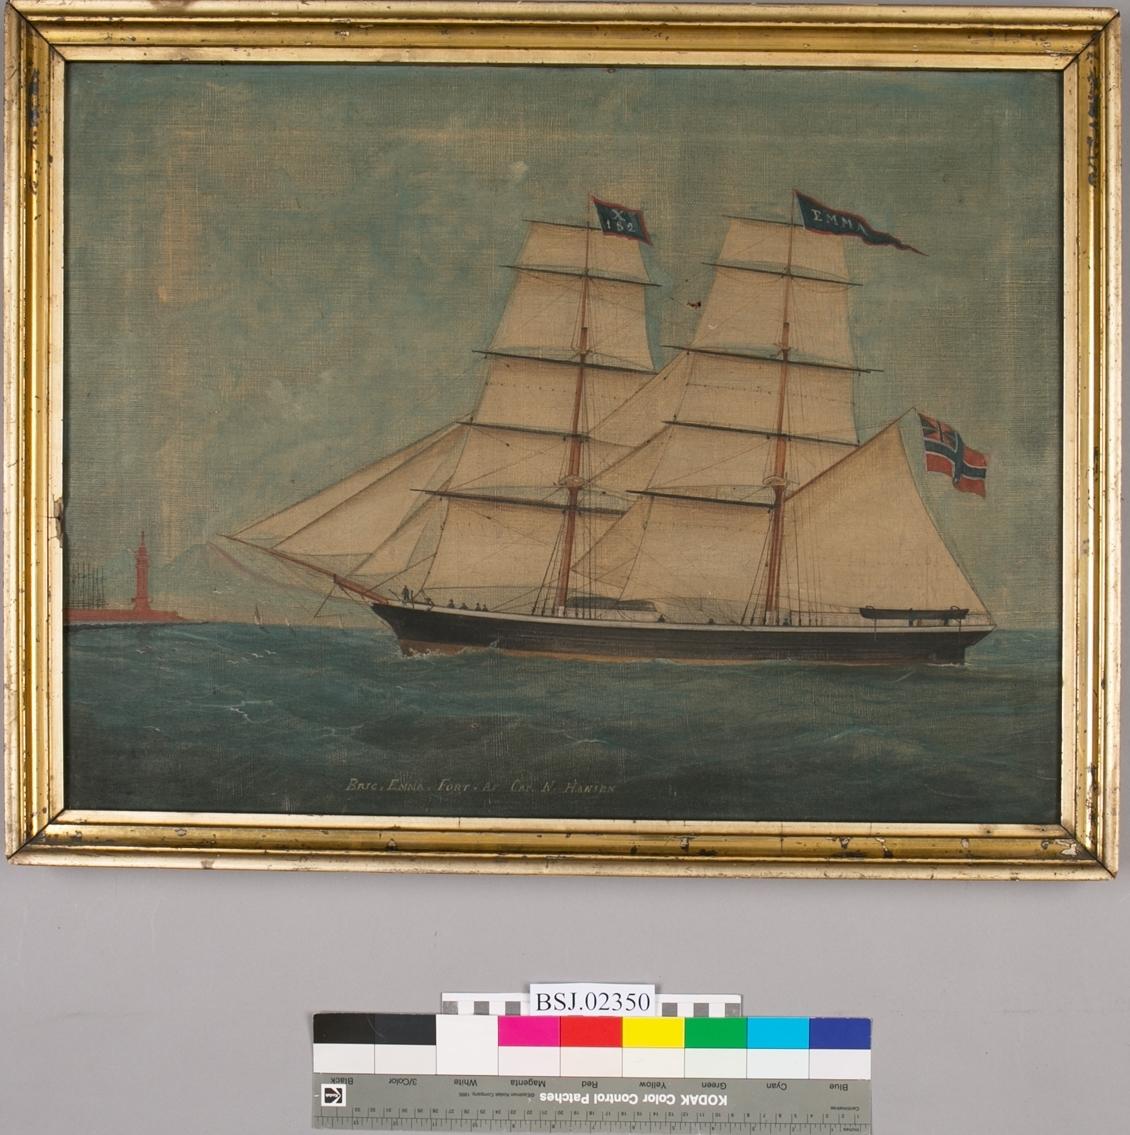 Skipsportrett av brigg EMMA ført av kaptein N. Hansen. Under fulle seil. Skipet har på formasten flagg med kjenningsignal X182. Seiler inn til havn med rødt fyrtårn og fjell i bakgrunn.